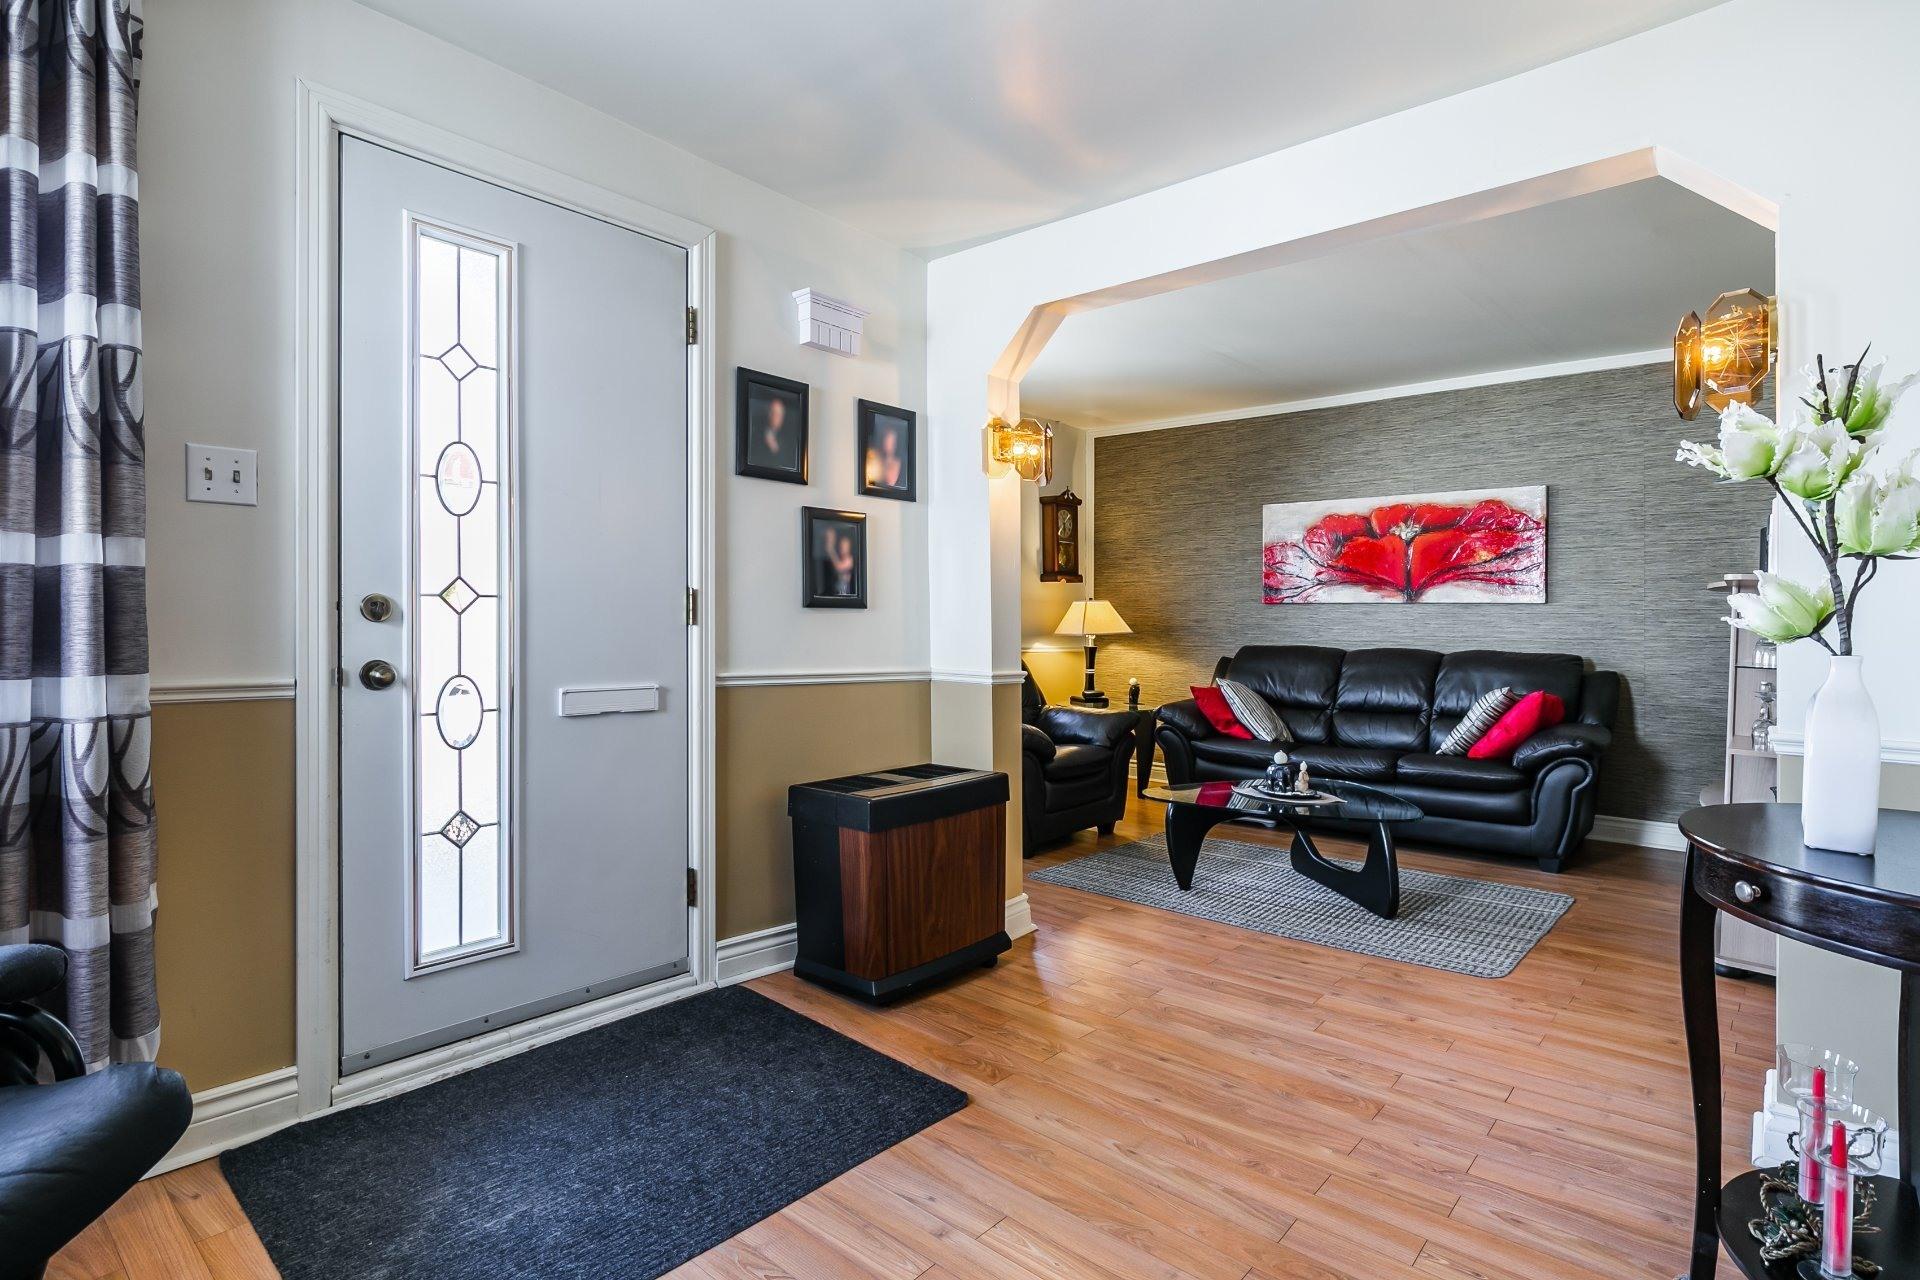 image 2 - Maison À vendre Rivière-des-Prairies/Pointe-aux-Trembles Montréal  - 7 pièces